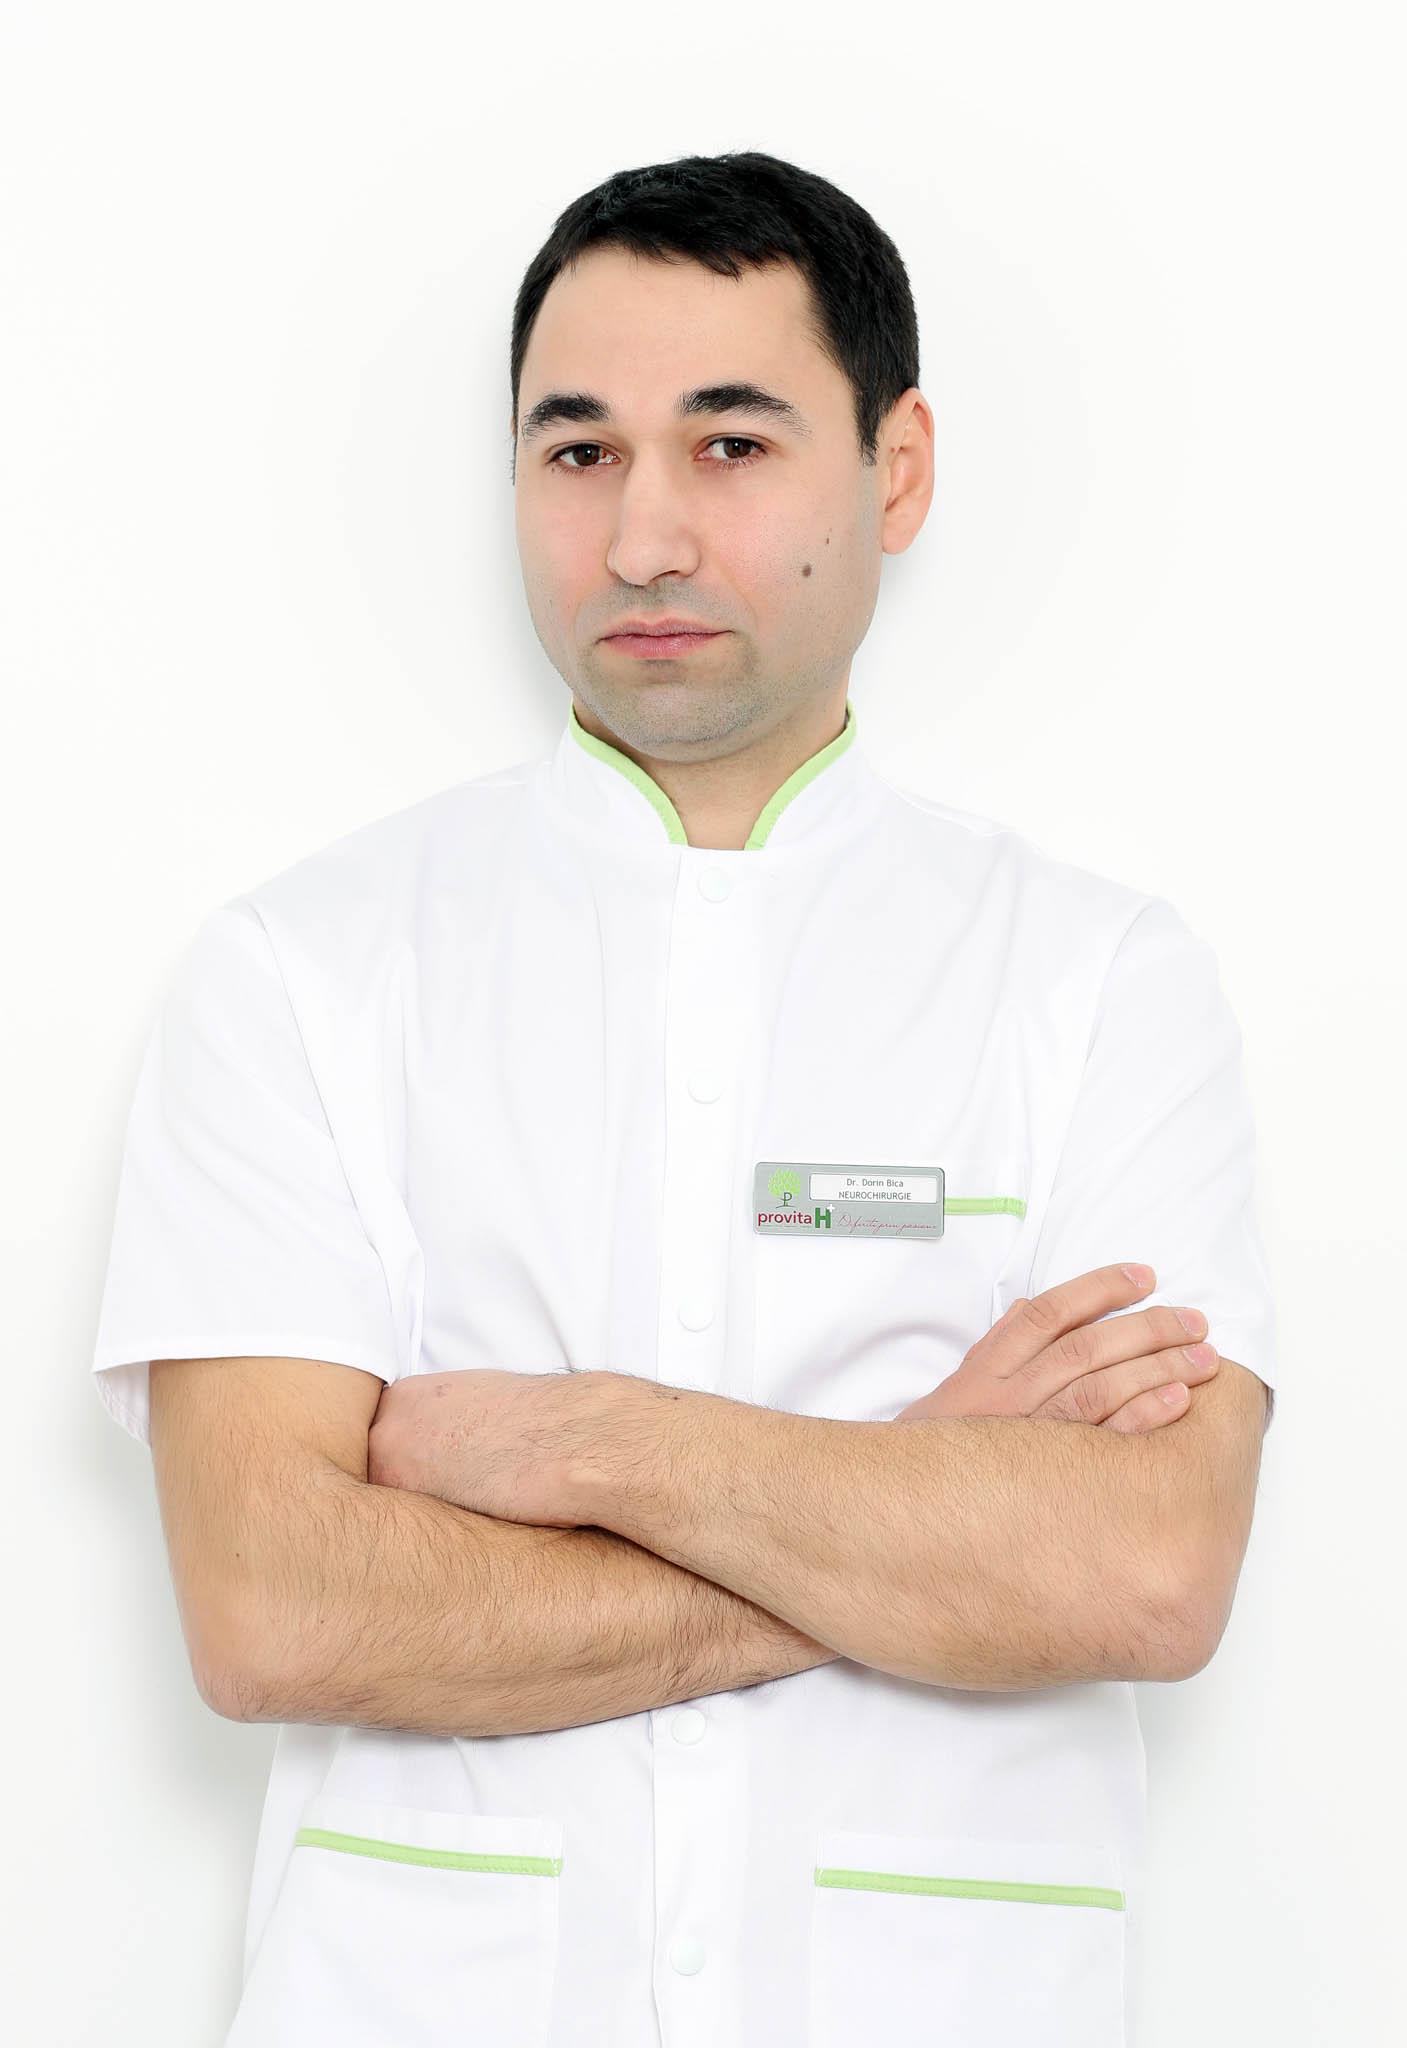 Dr. Dorin Bica